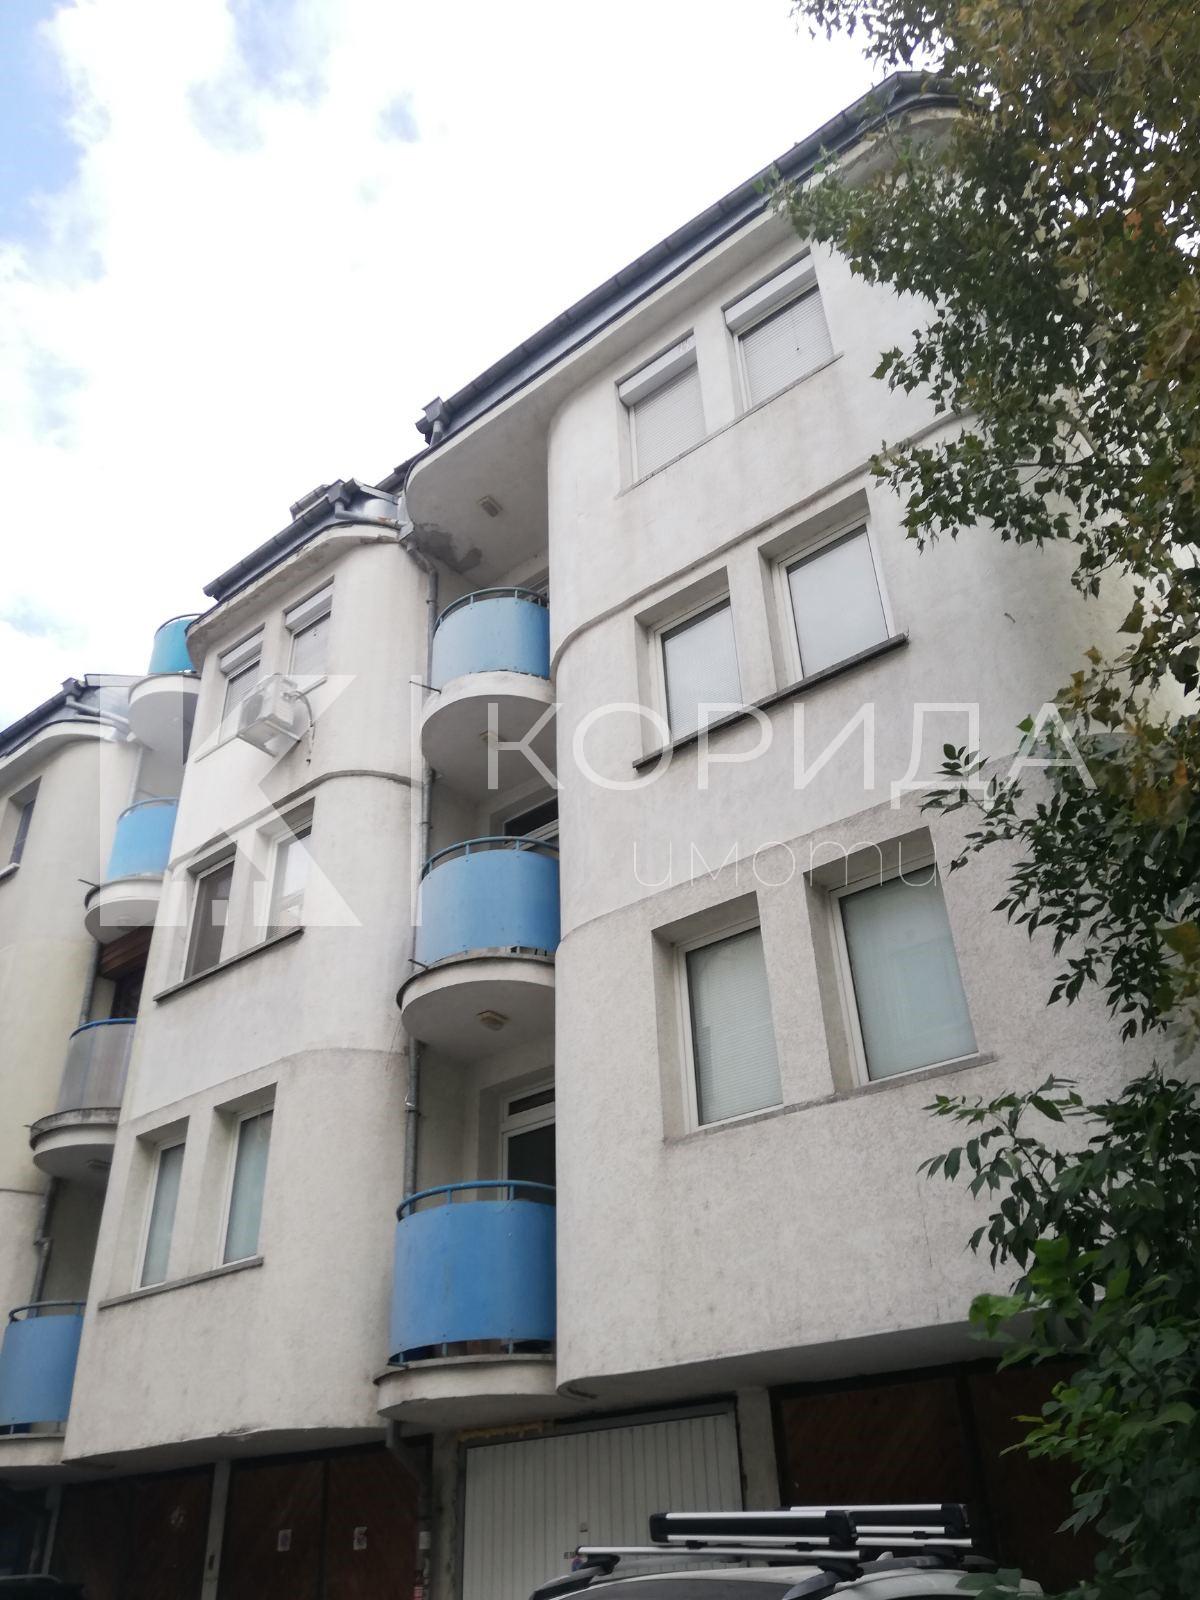 3-стаен апартамент на ул. Русаля